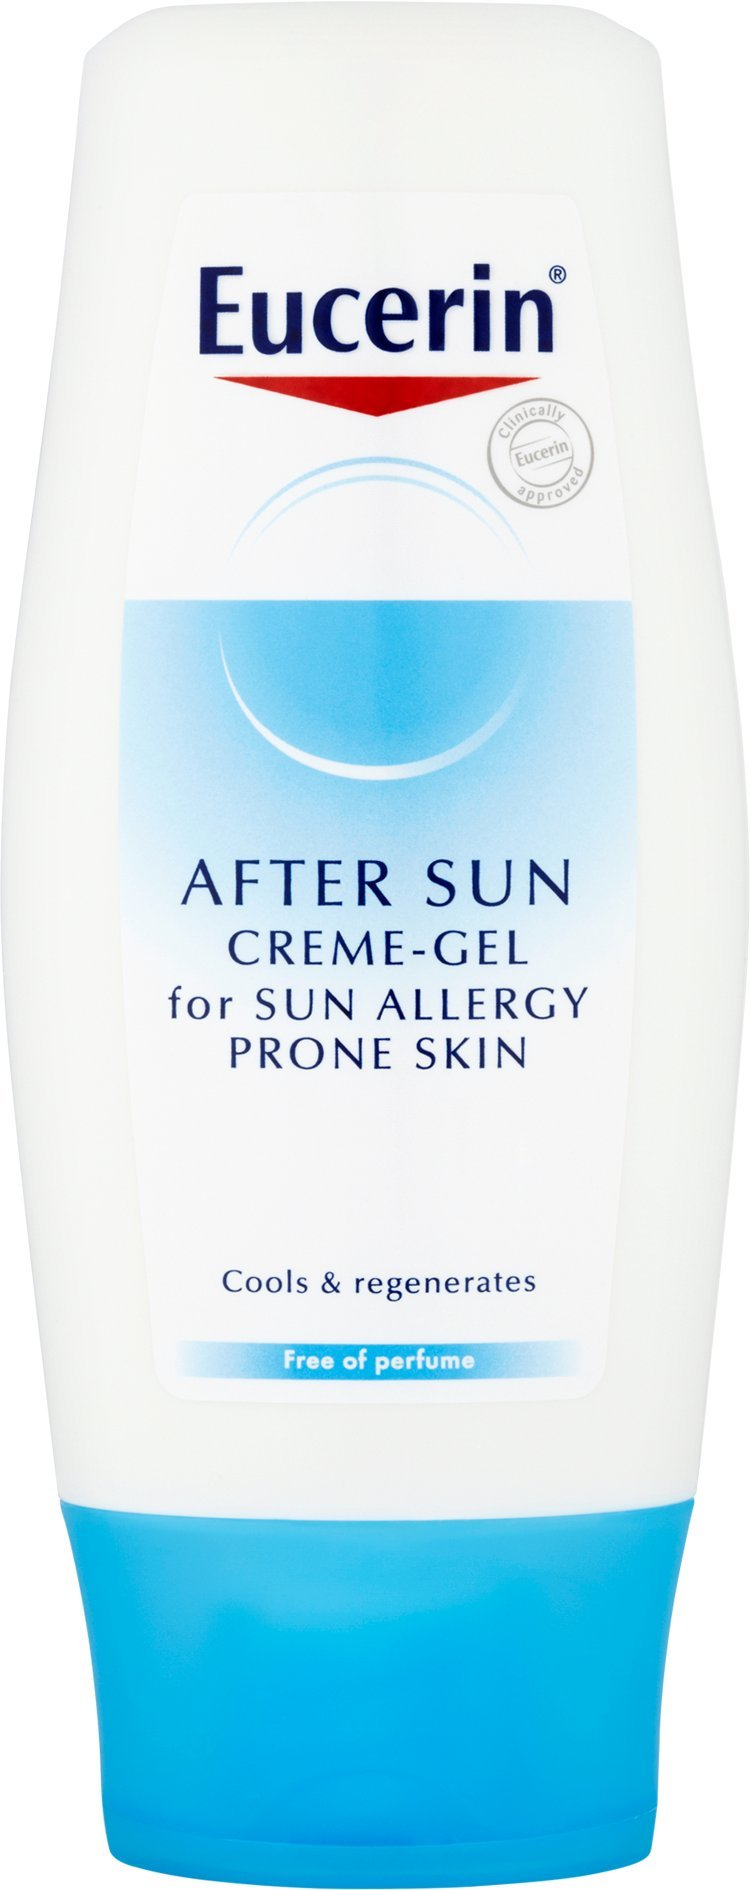 Eucerin Sun Allergy Aftersun Cream-Gel 150ml by Eucerin